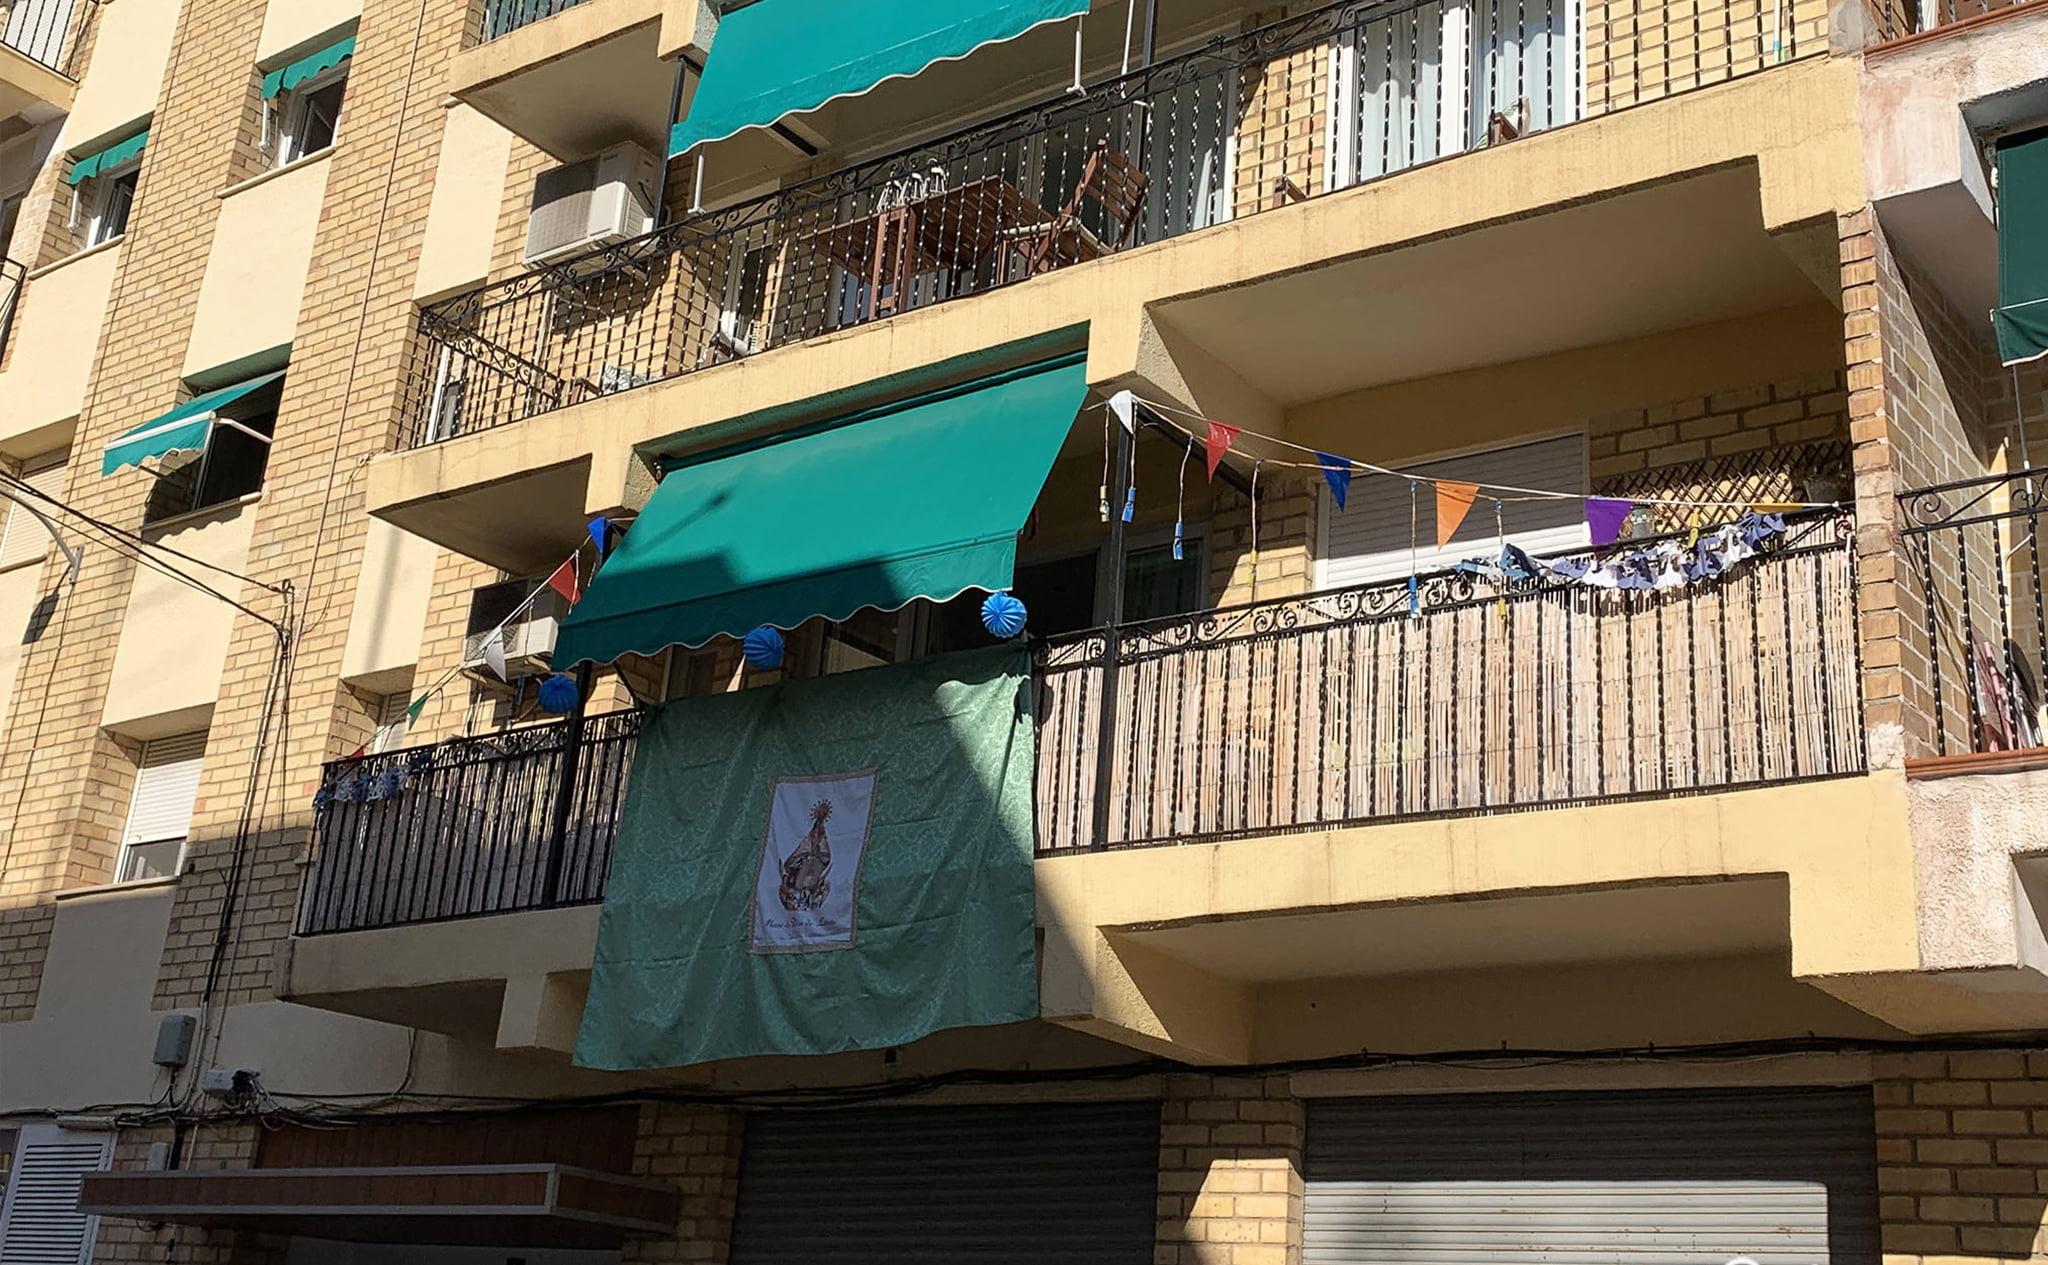 Engalanado de balcones en honor a las fiestas de Loreto de Jávea